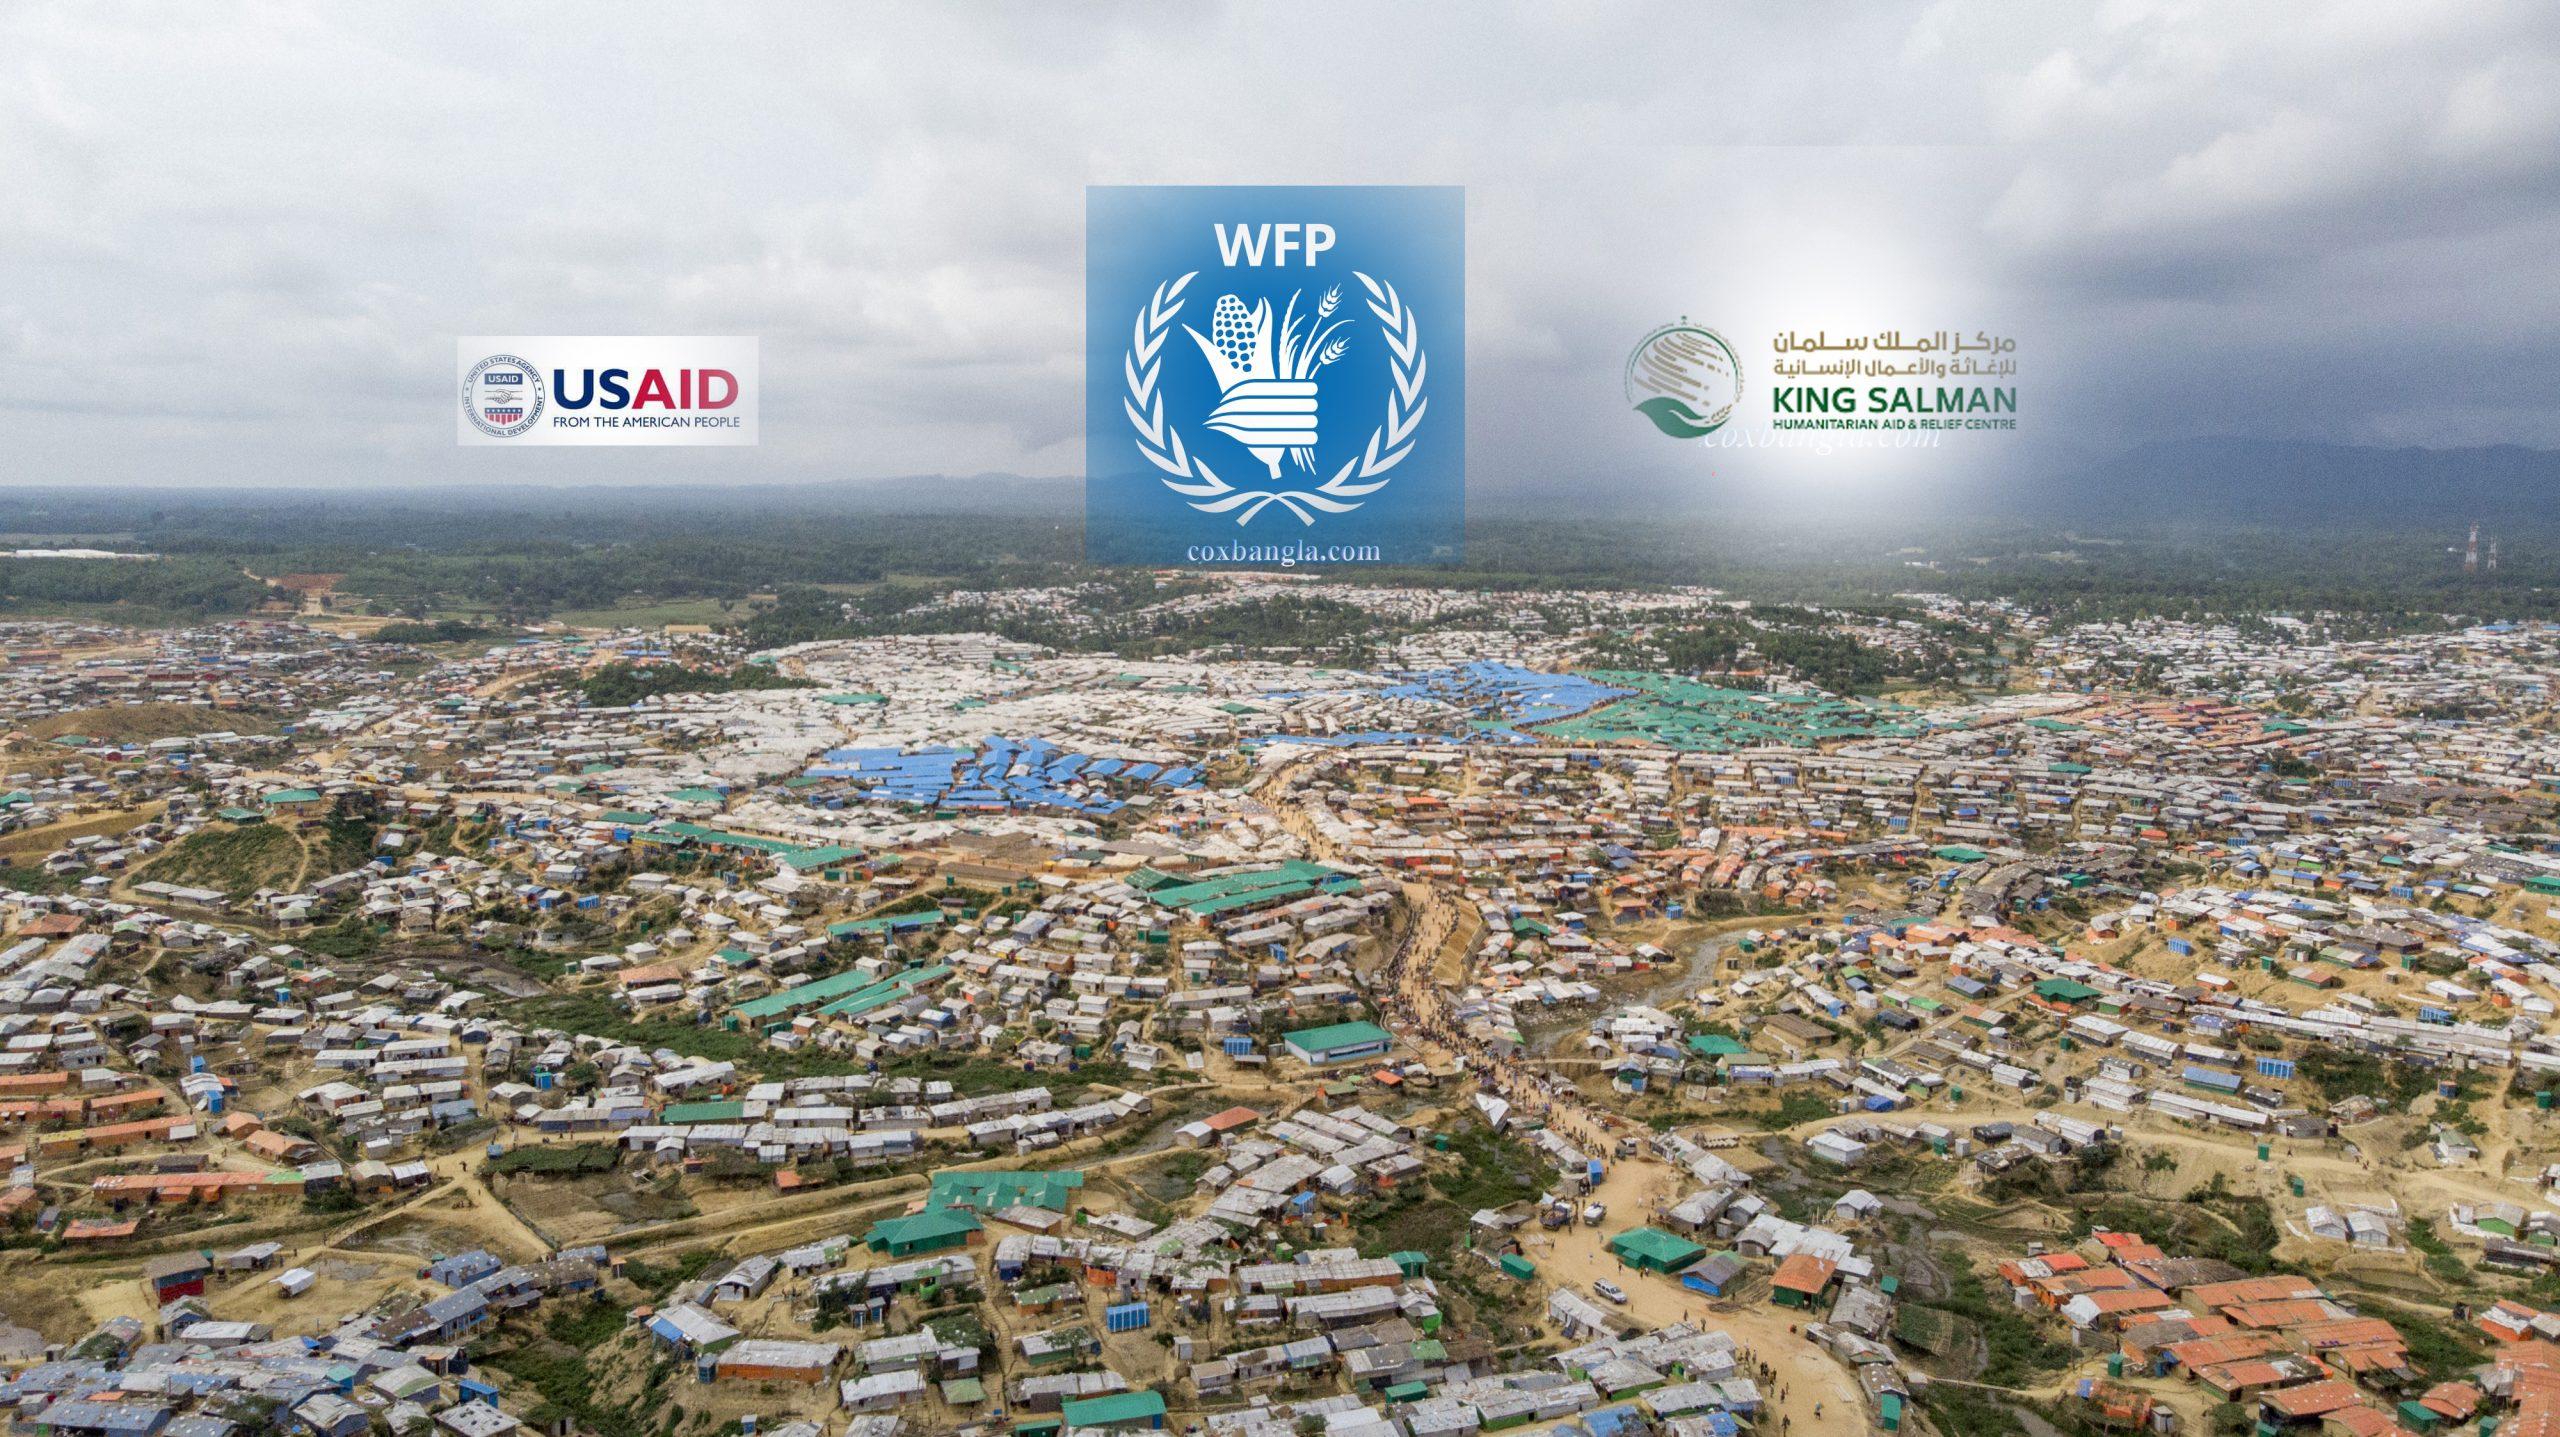 কক্সবাজারে WFP'র প্রকল্পে ২০ লাখ ডলার সহায়তা দিচ্ছে কেএসরিলিফ ও ইউএসএআইডি